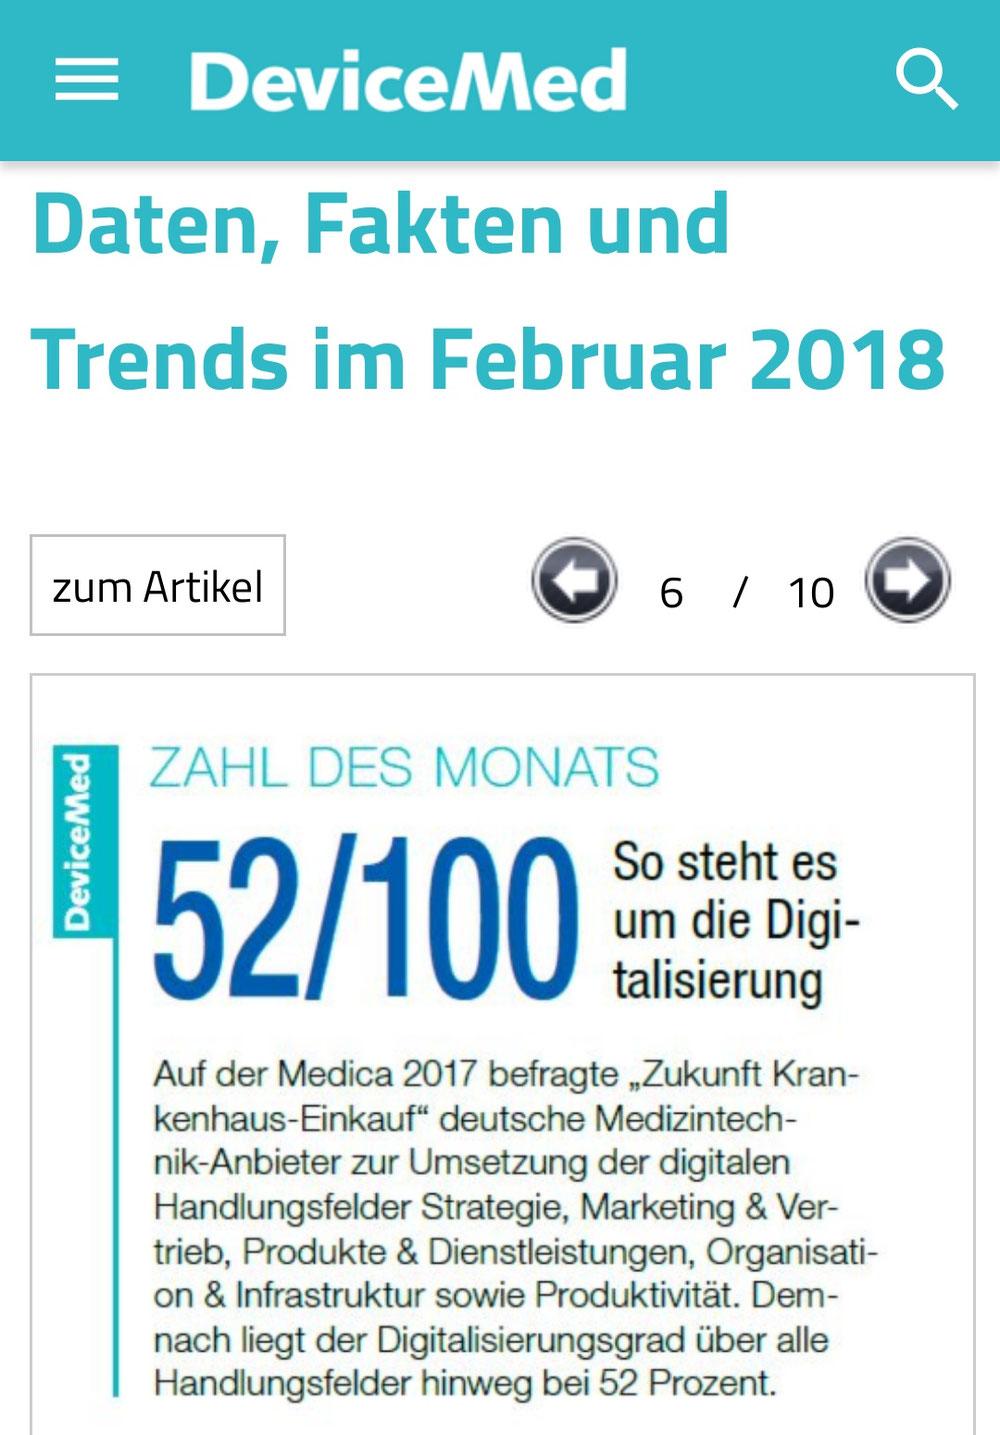 Screenshot von der mobilen Webseite www.devicemed.de